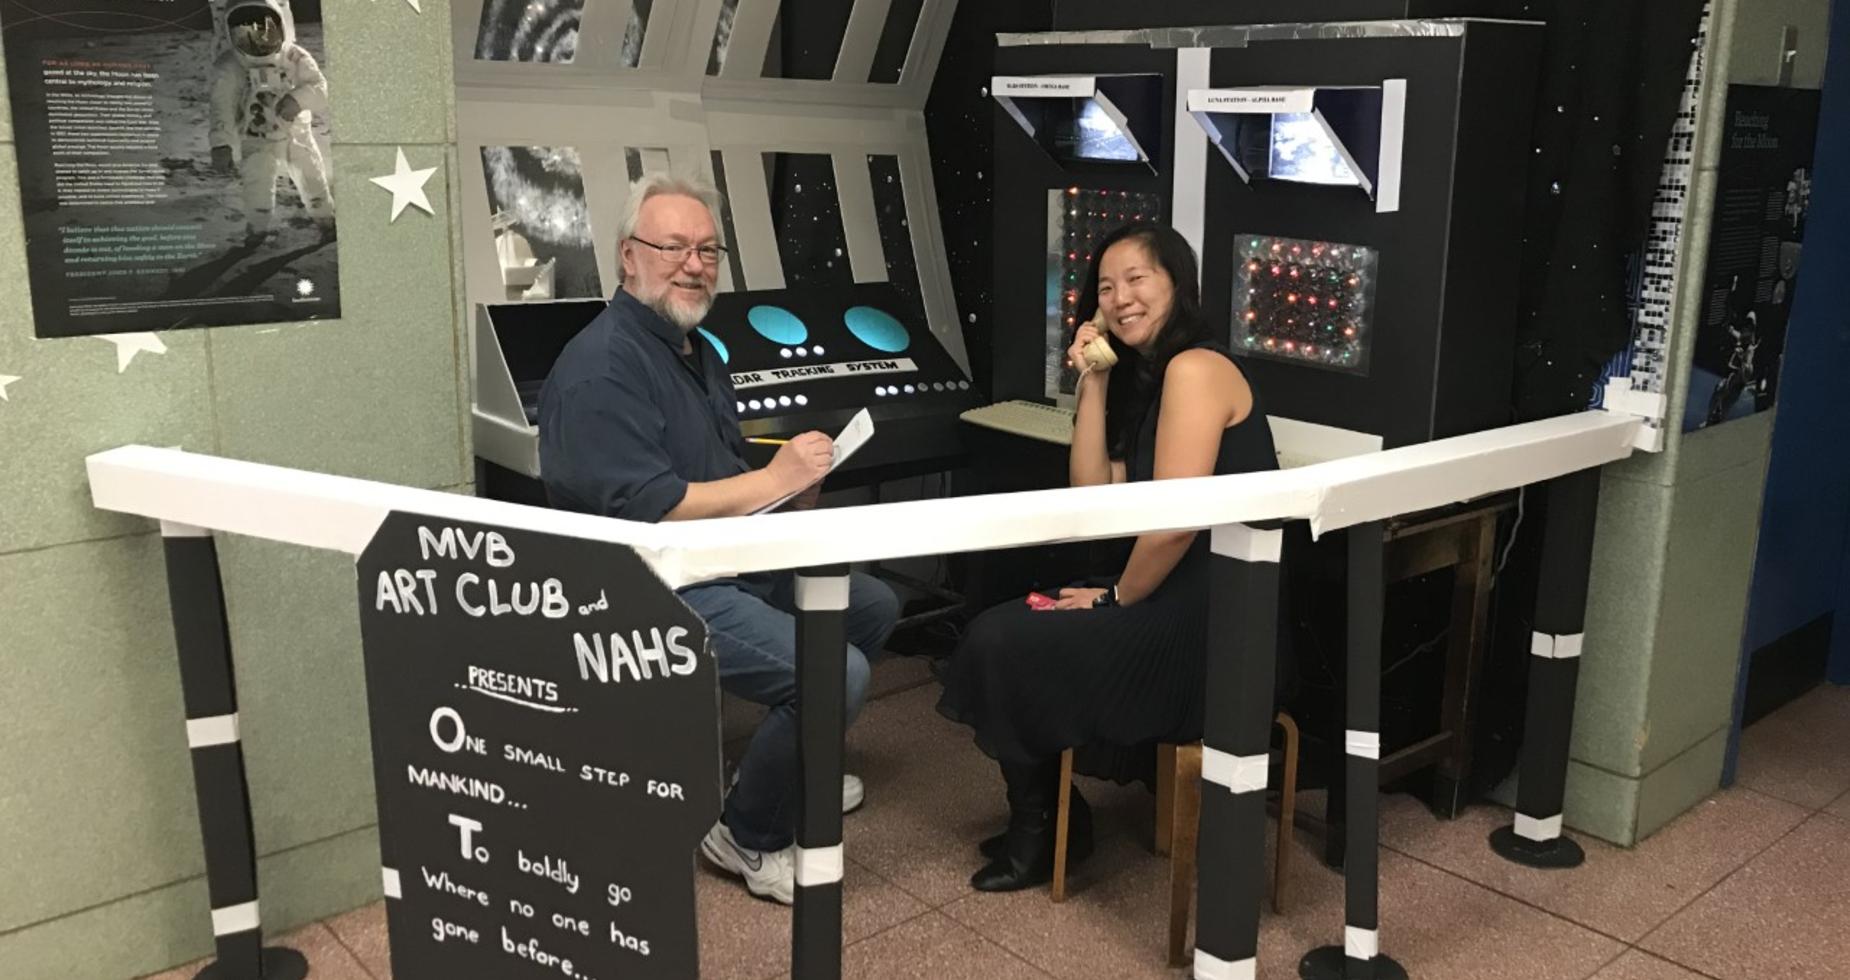 Martin Van Buren sets up to link with NASA. Thank you Ms. Wang.